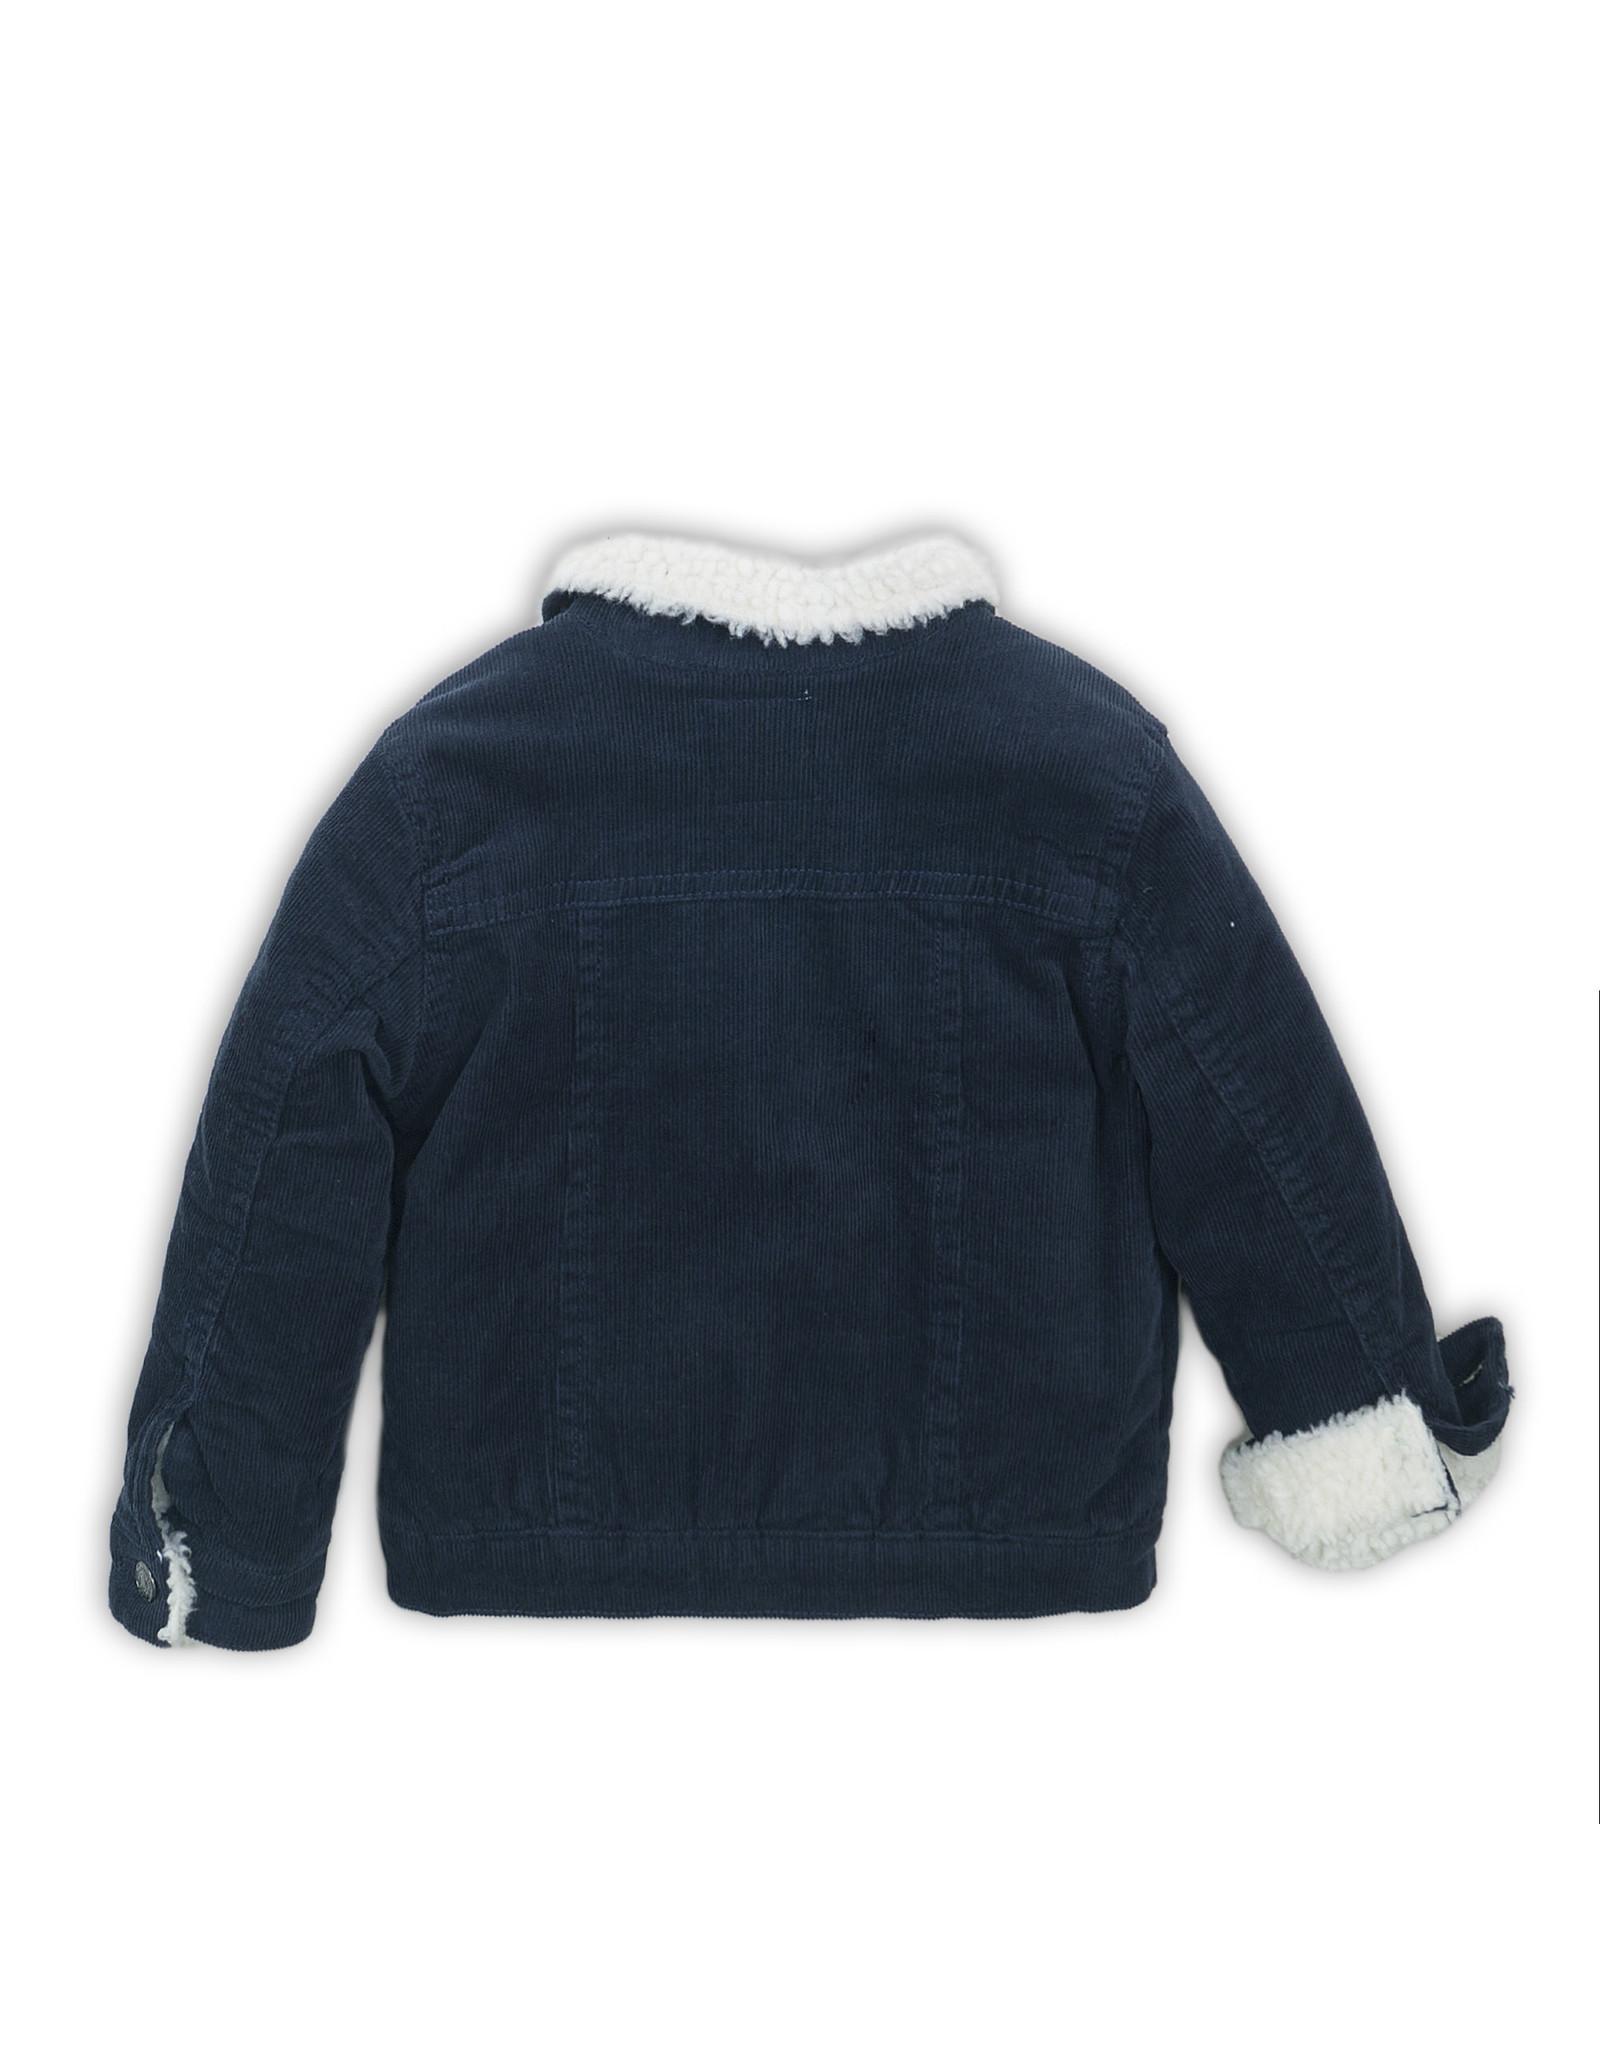 Koko Noko Jacket Navy Teddy